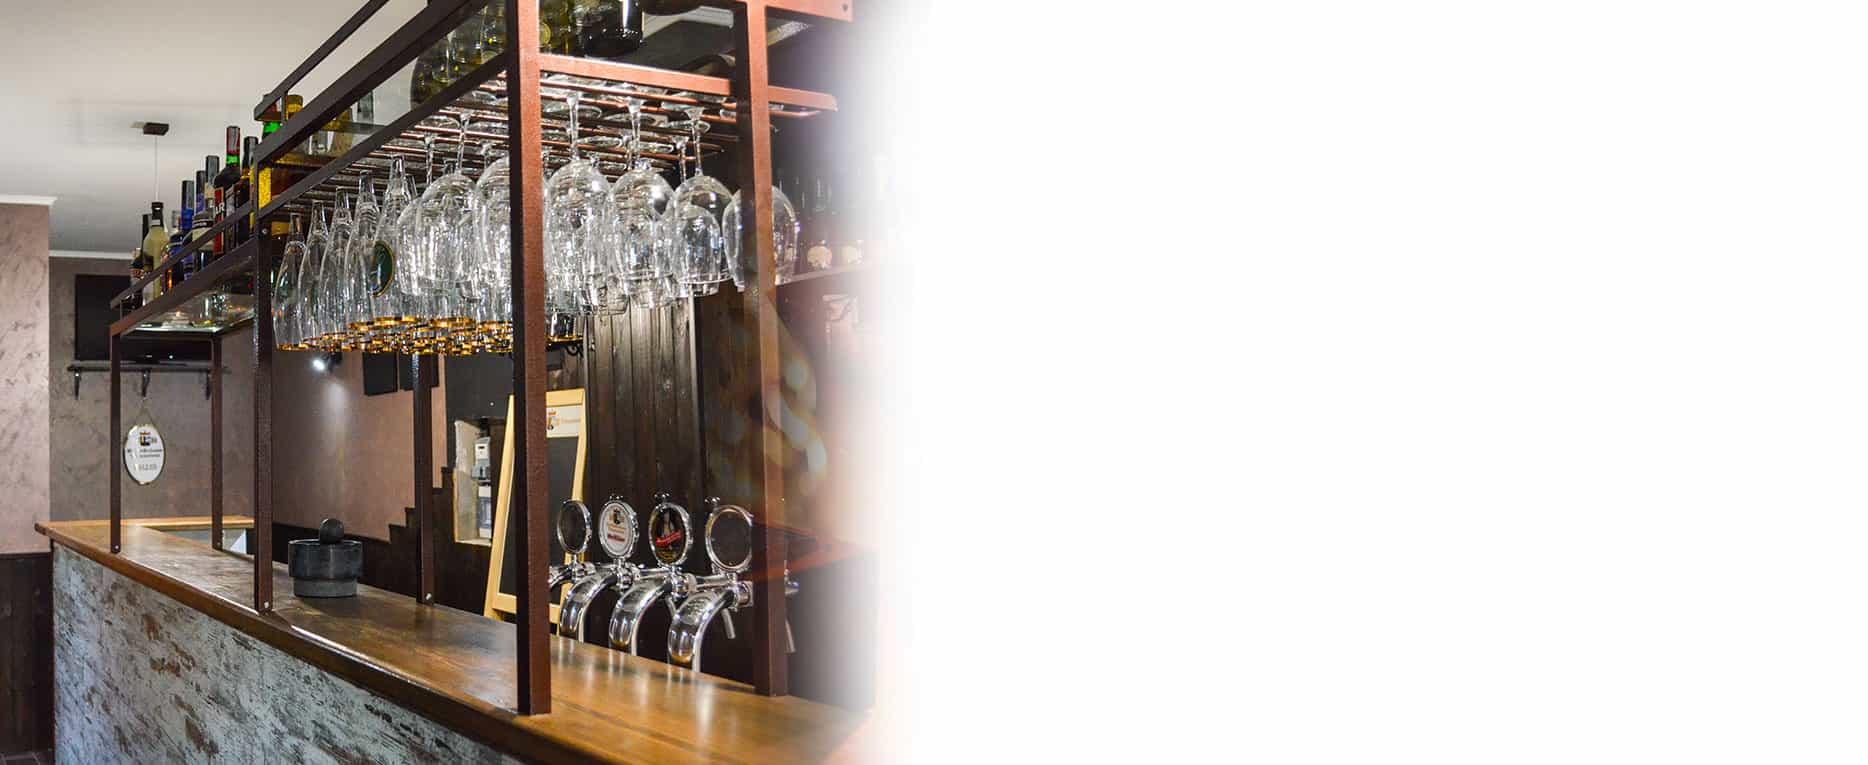 Arredamento pub birrerie paninoteche a roma e lazio for Arredamento per pub e birrerie